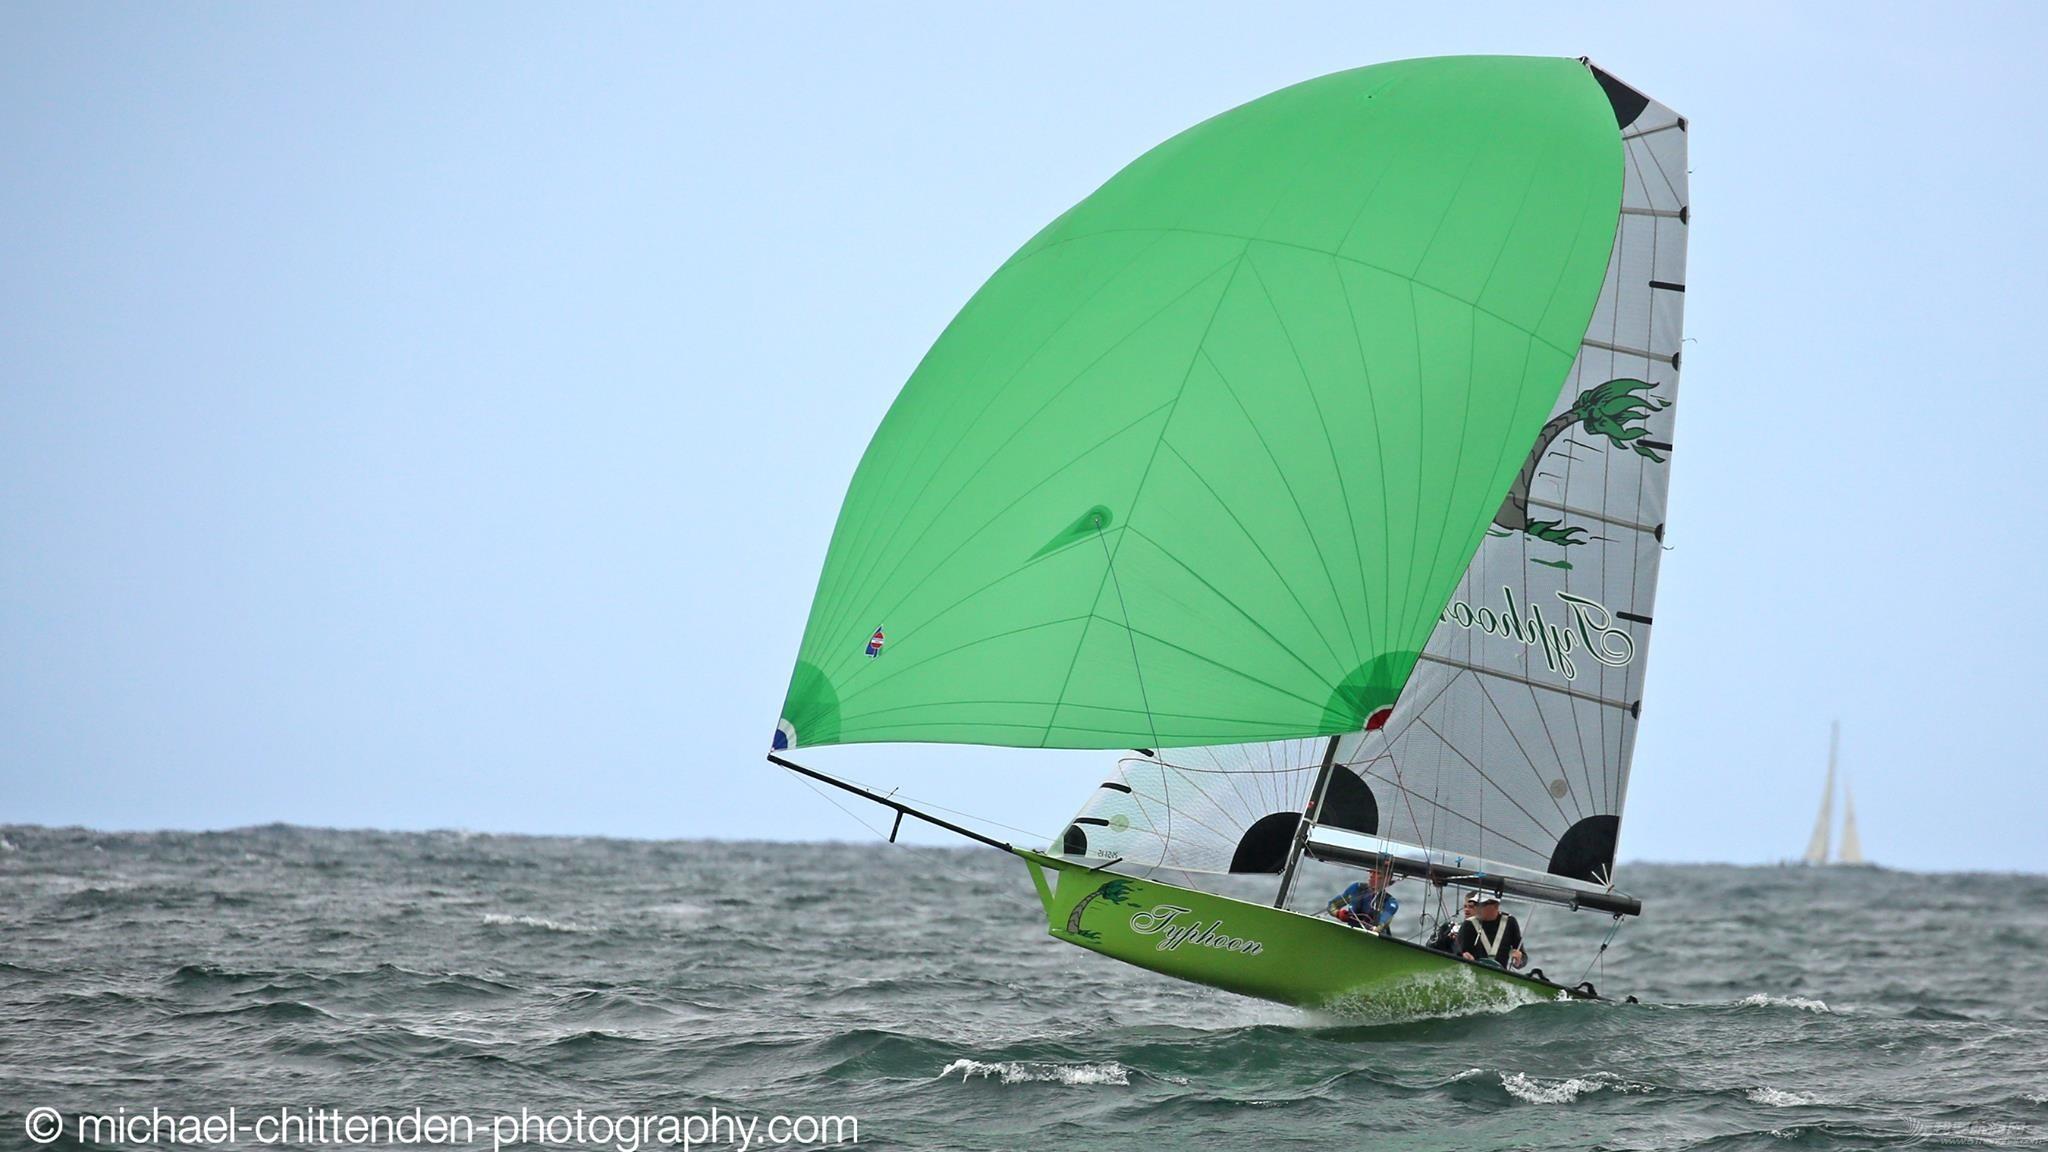 澳洲,帆船,澳大利亚,复合材料,有限公司 16尺帆船扬帆澳洲 photo-8.jpg